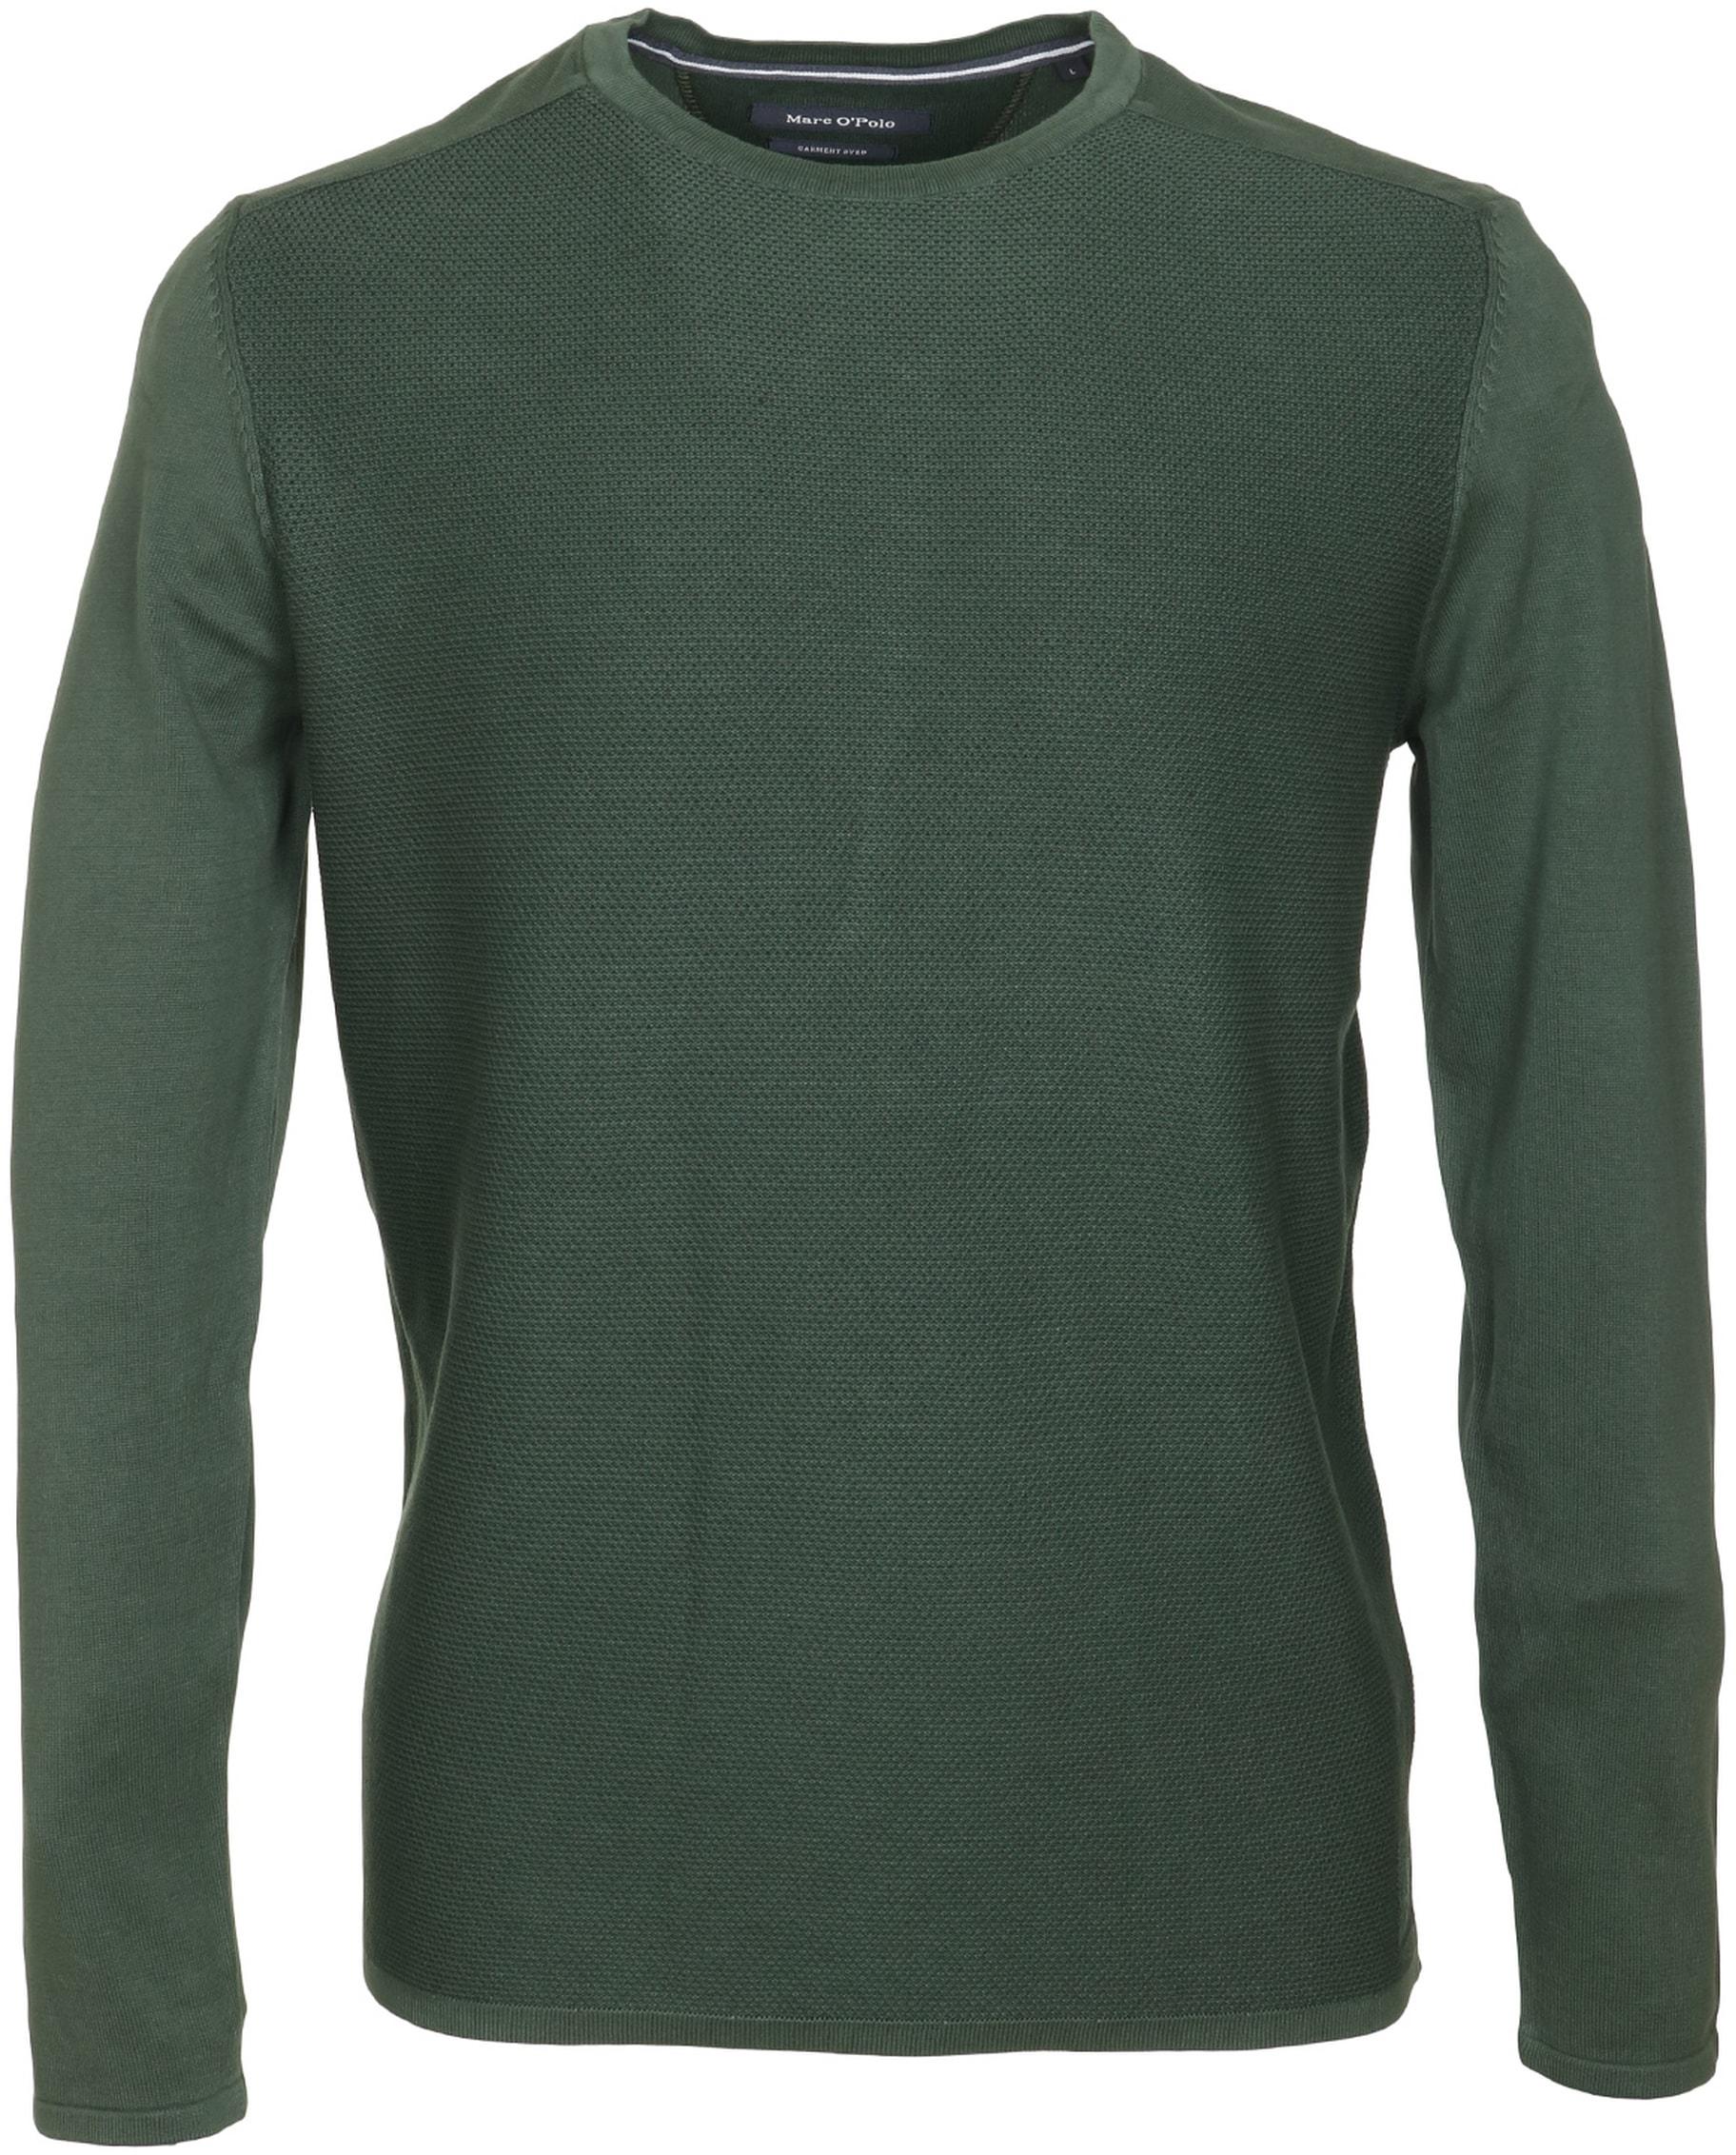 Marc O'Polo Pullover Groen foto 0